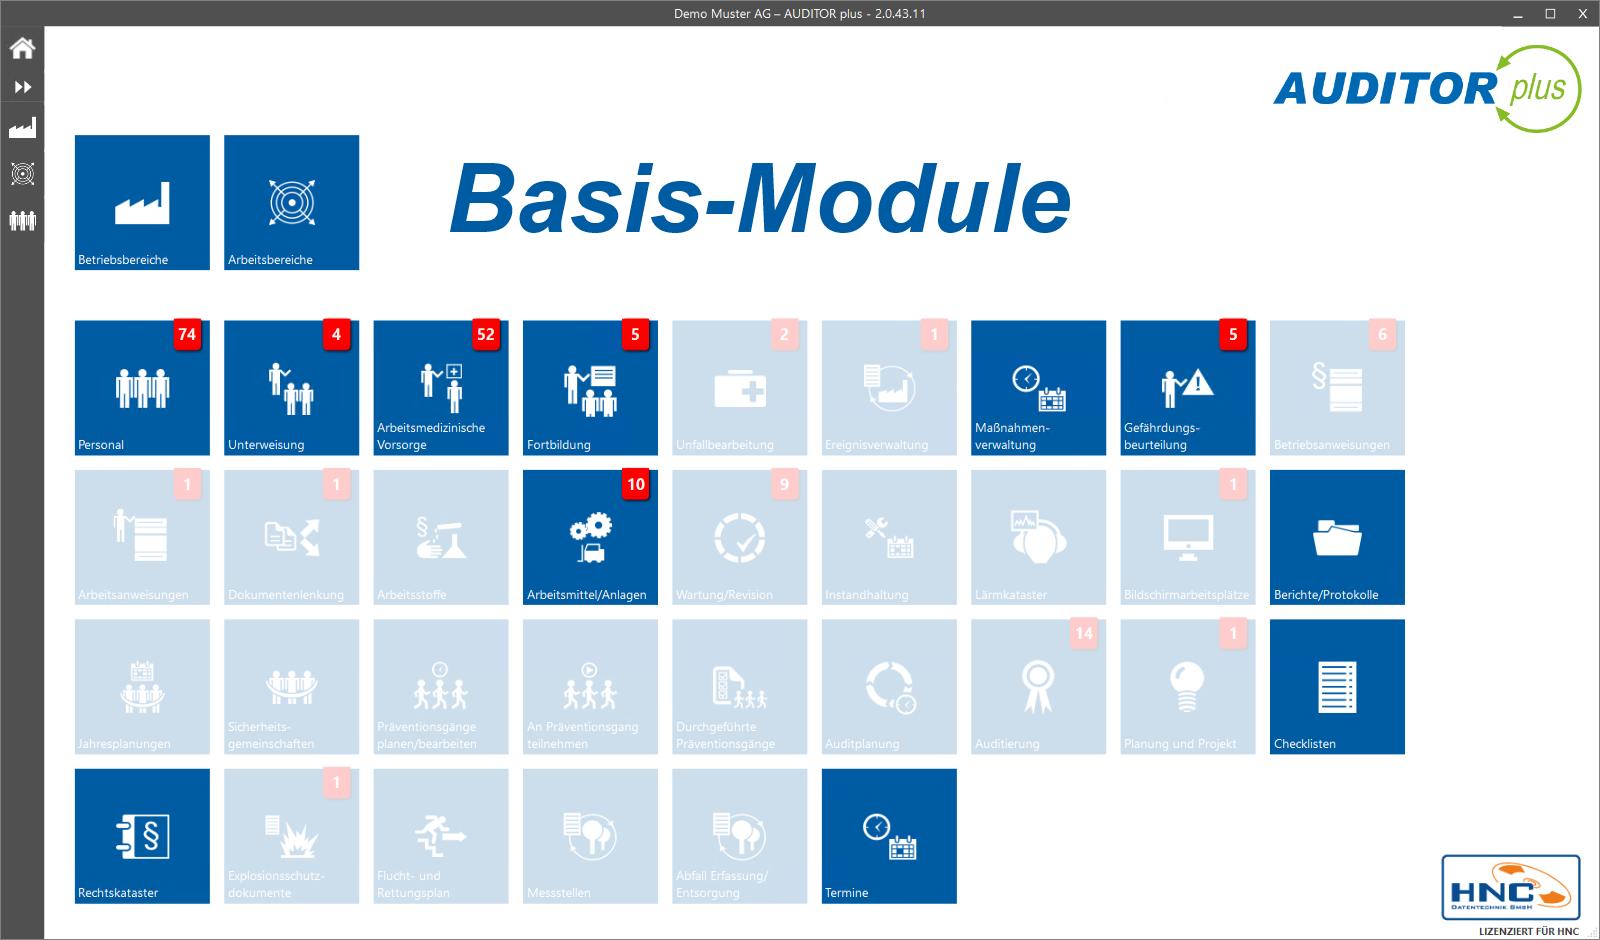 AUDITOR plus Basis-Module